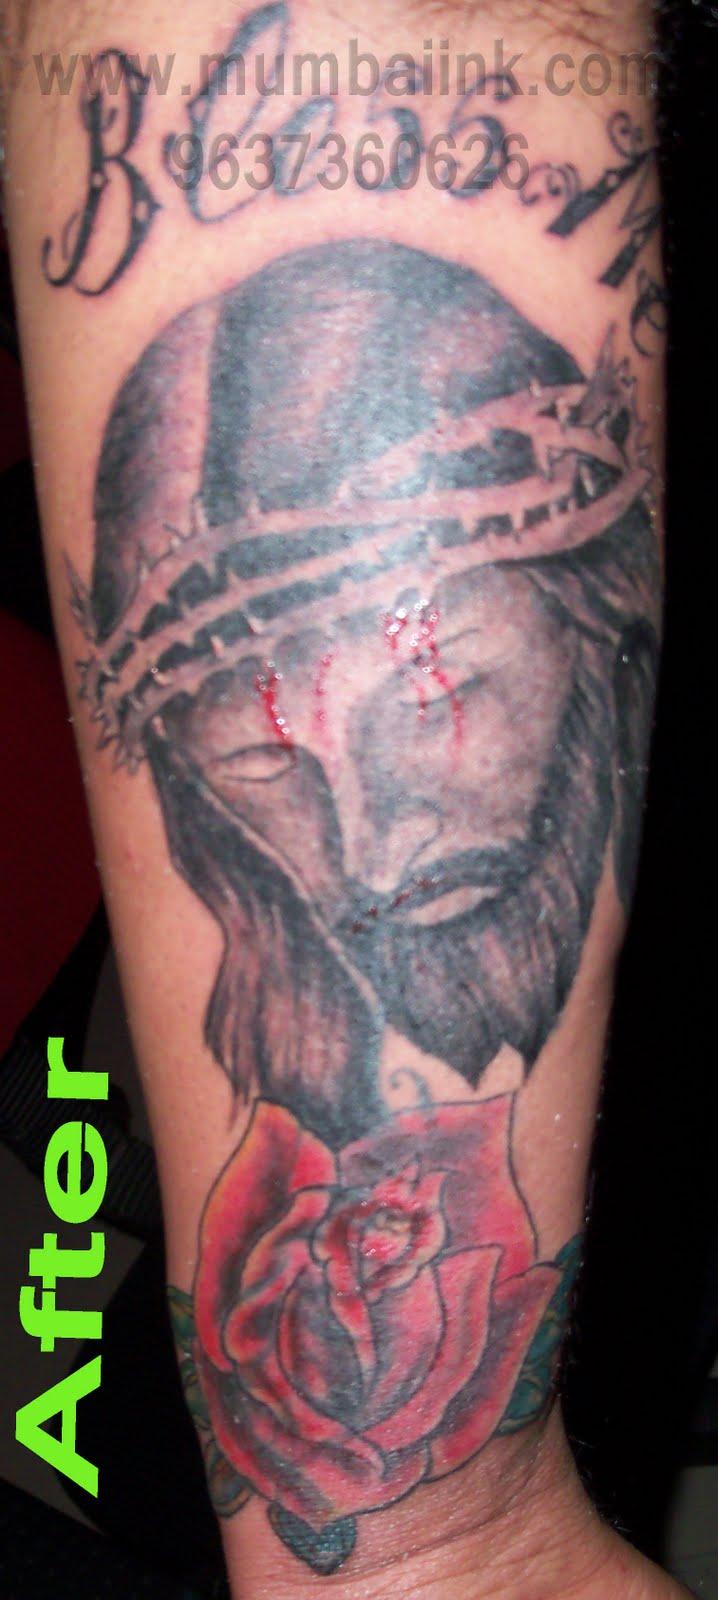 Pin Nataraja-shiva-tattoos-nataraj-tattoo-hawaii on Pinterest